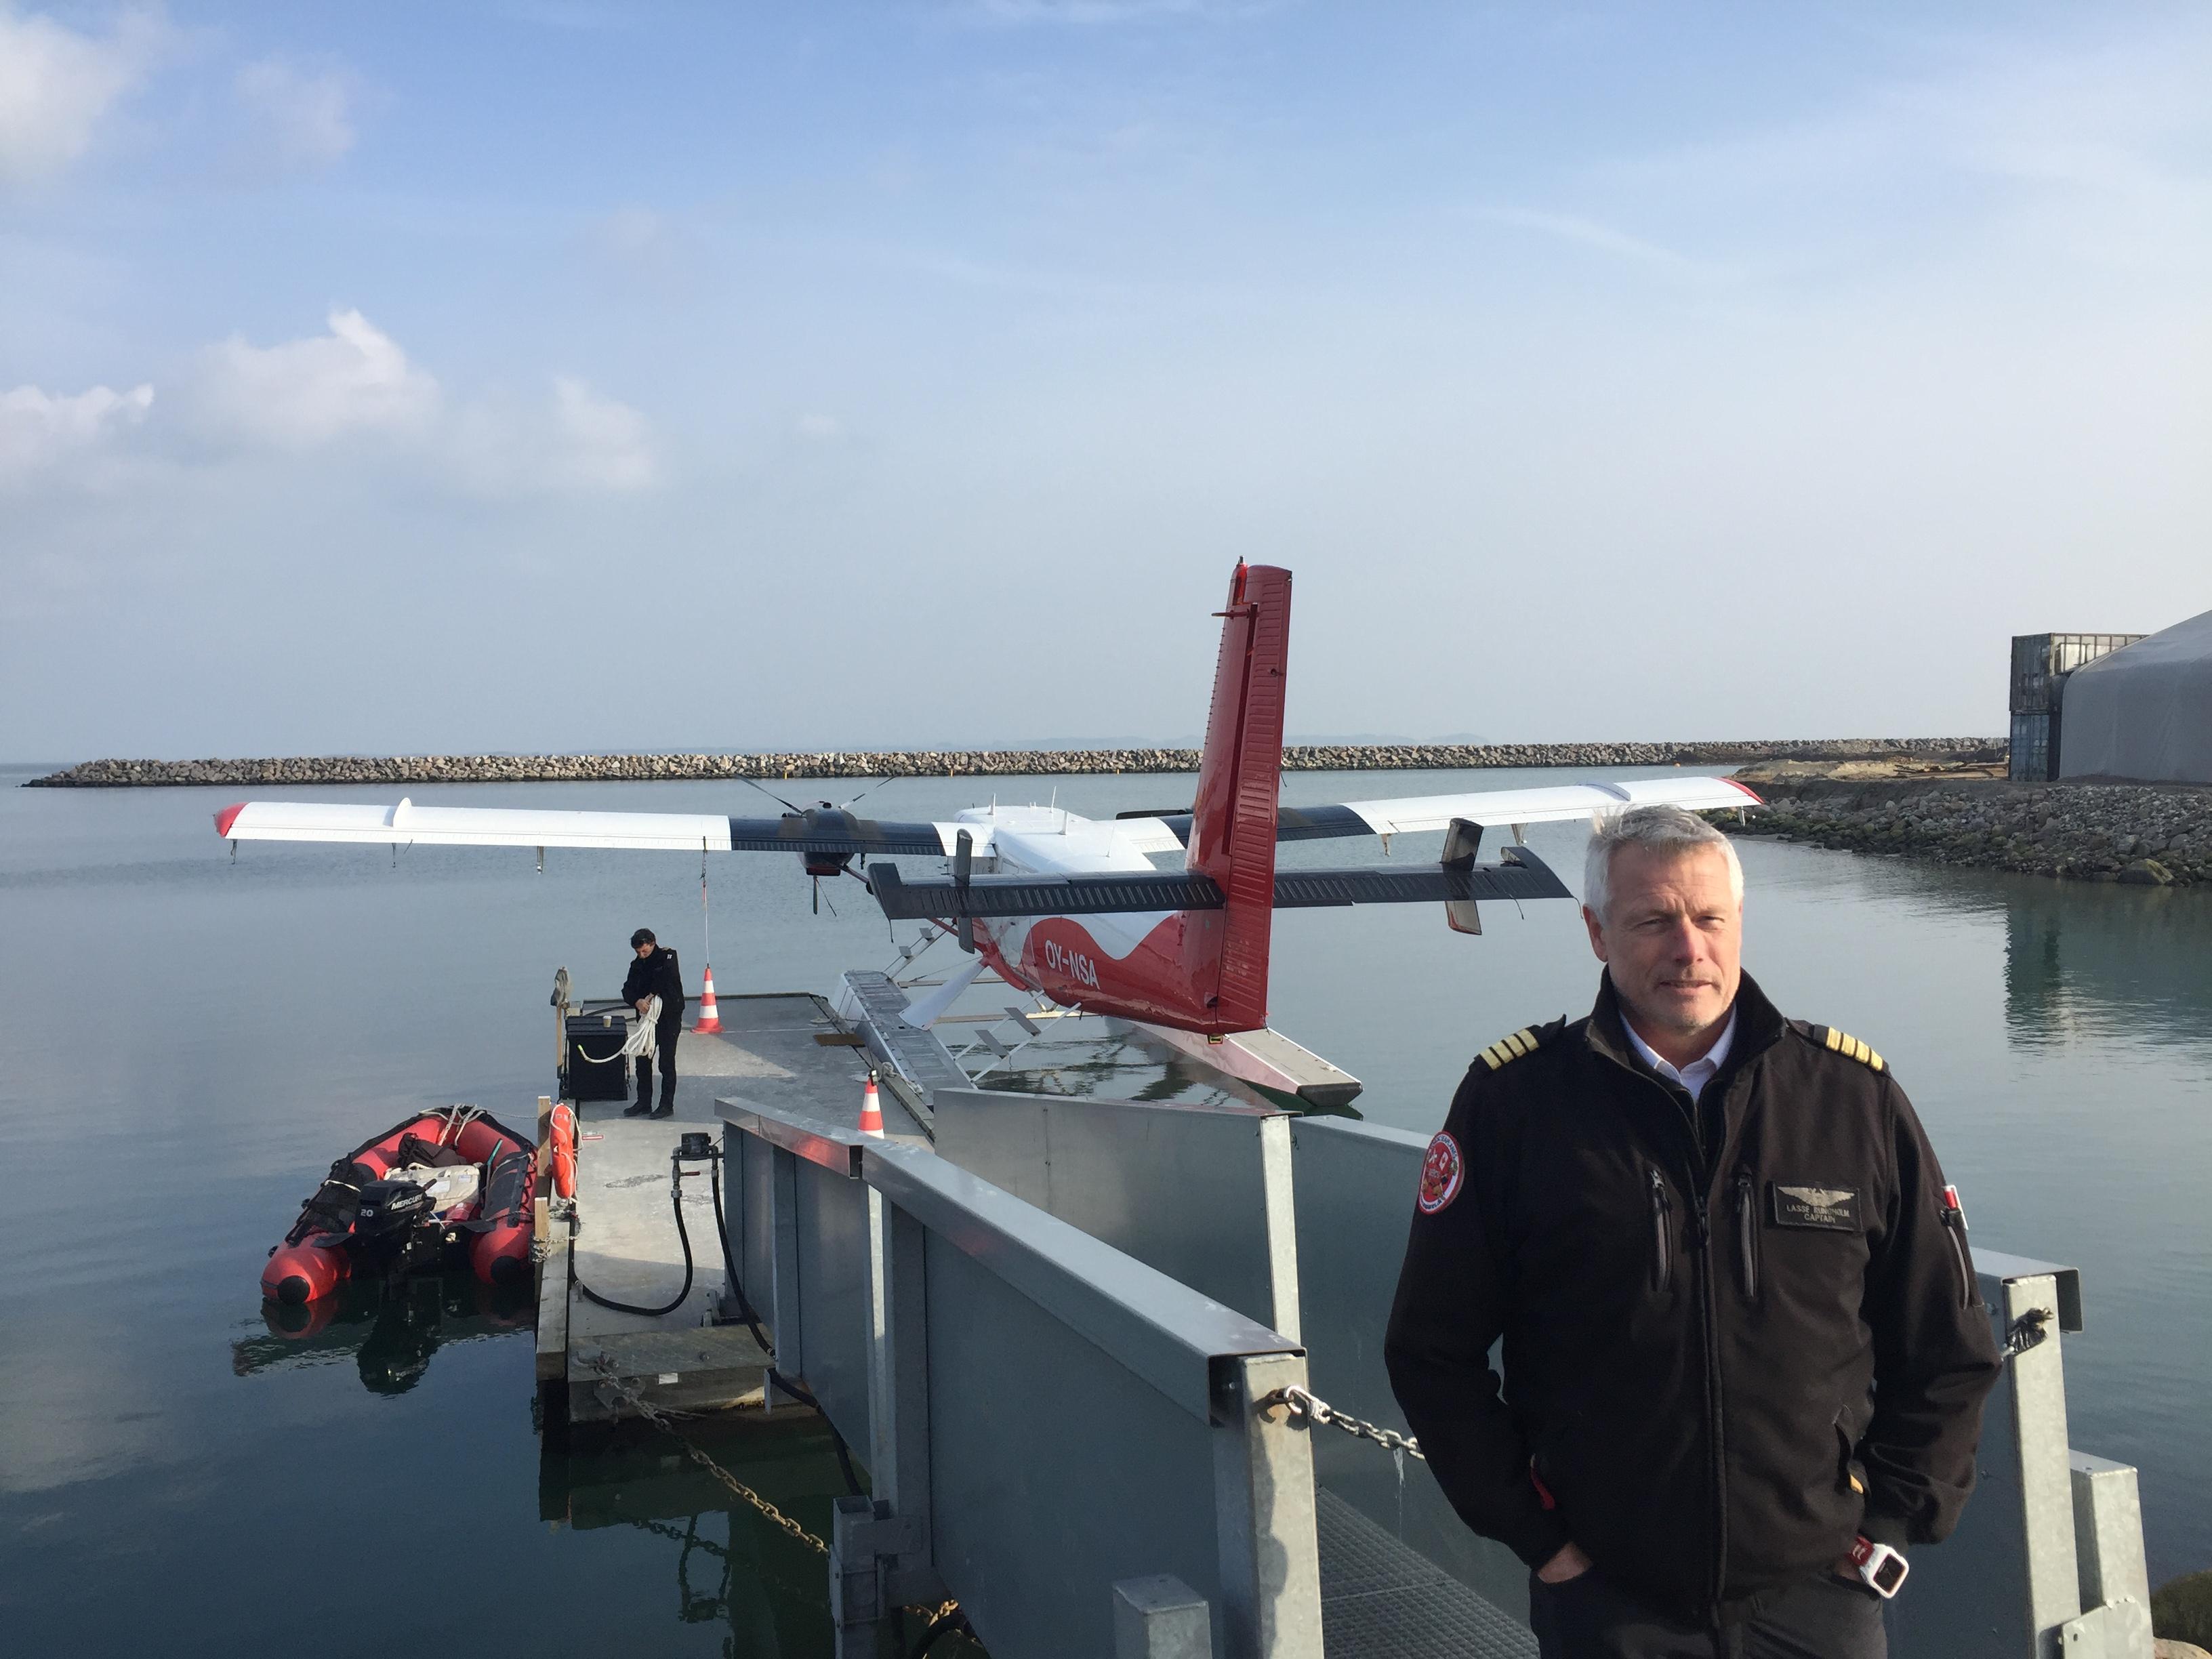 Direktør og medejer i Nordic Seaplanes, Lasse Rungholm, foran vandflyet i Aarhus Havn. Foto: Danny Longhi Andreasen